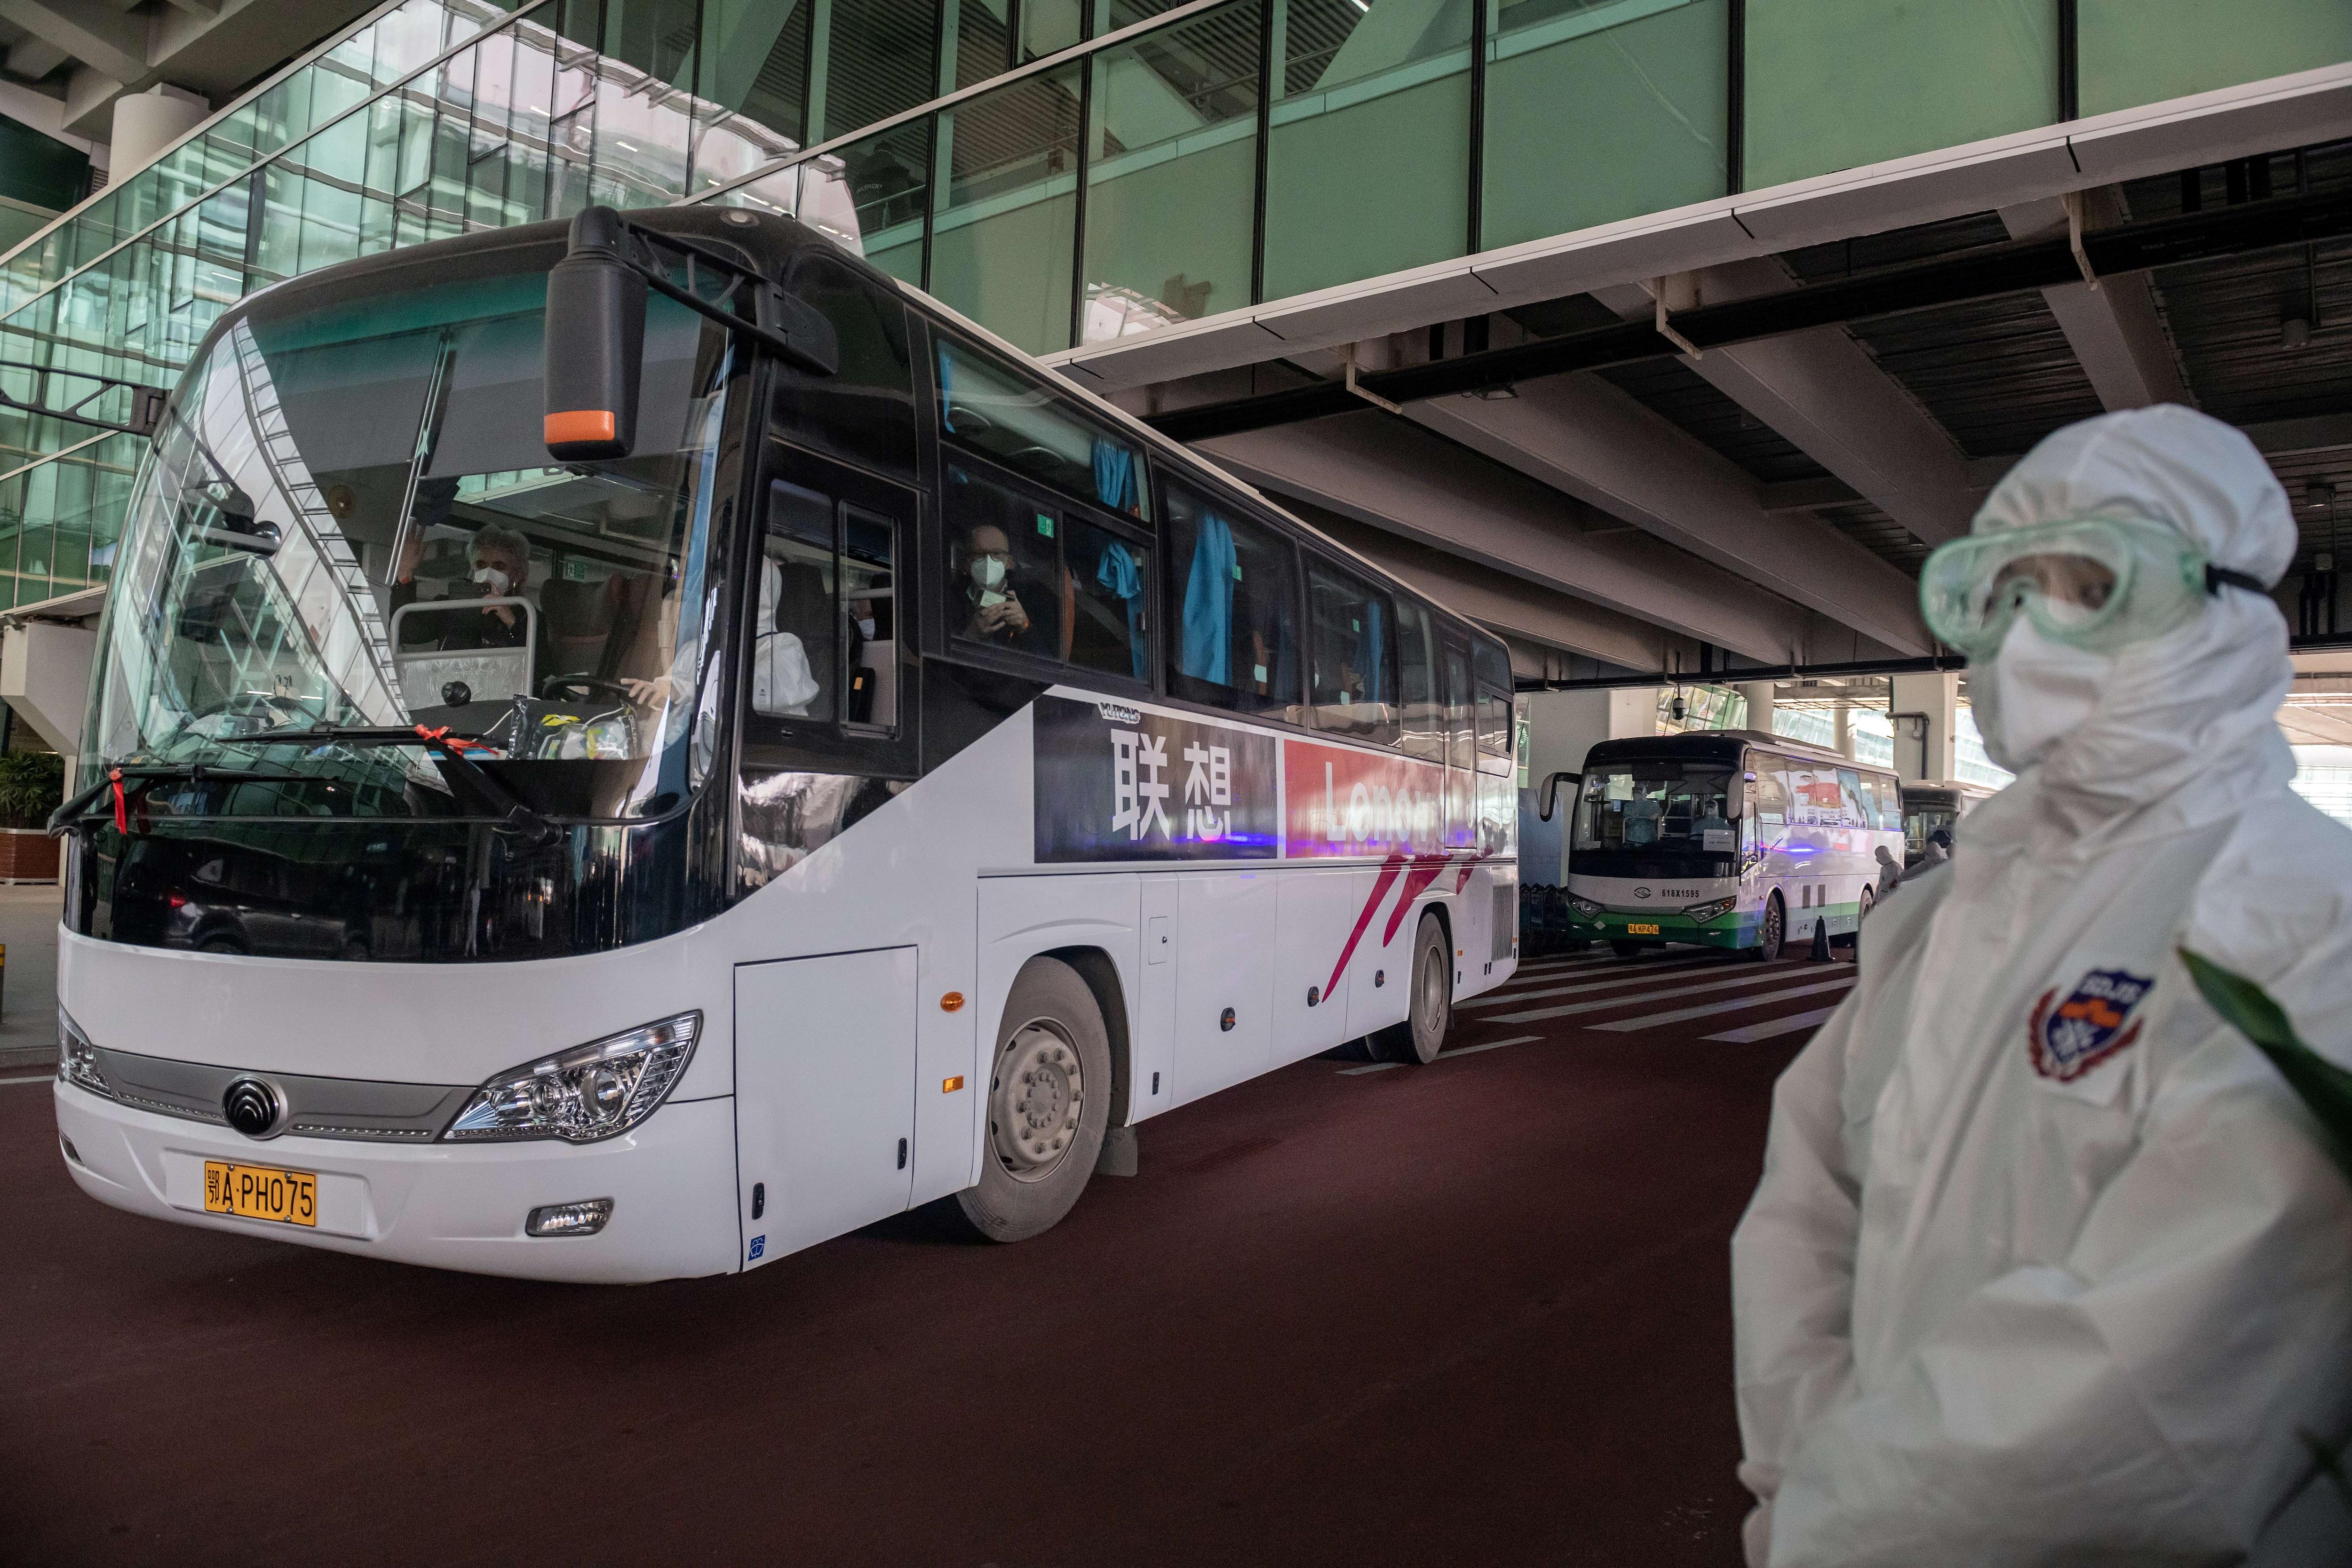 WHOチームのメンバーを乗せたバスは、1月14日に武漢に到着した後、空港を出発します。